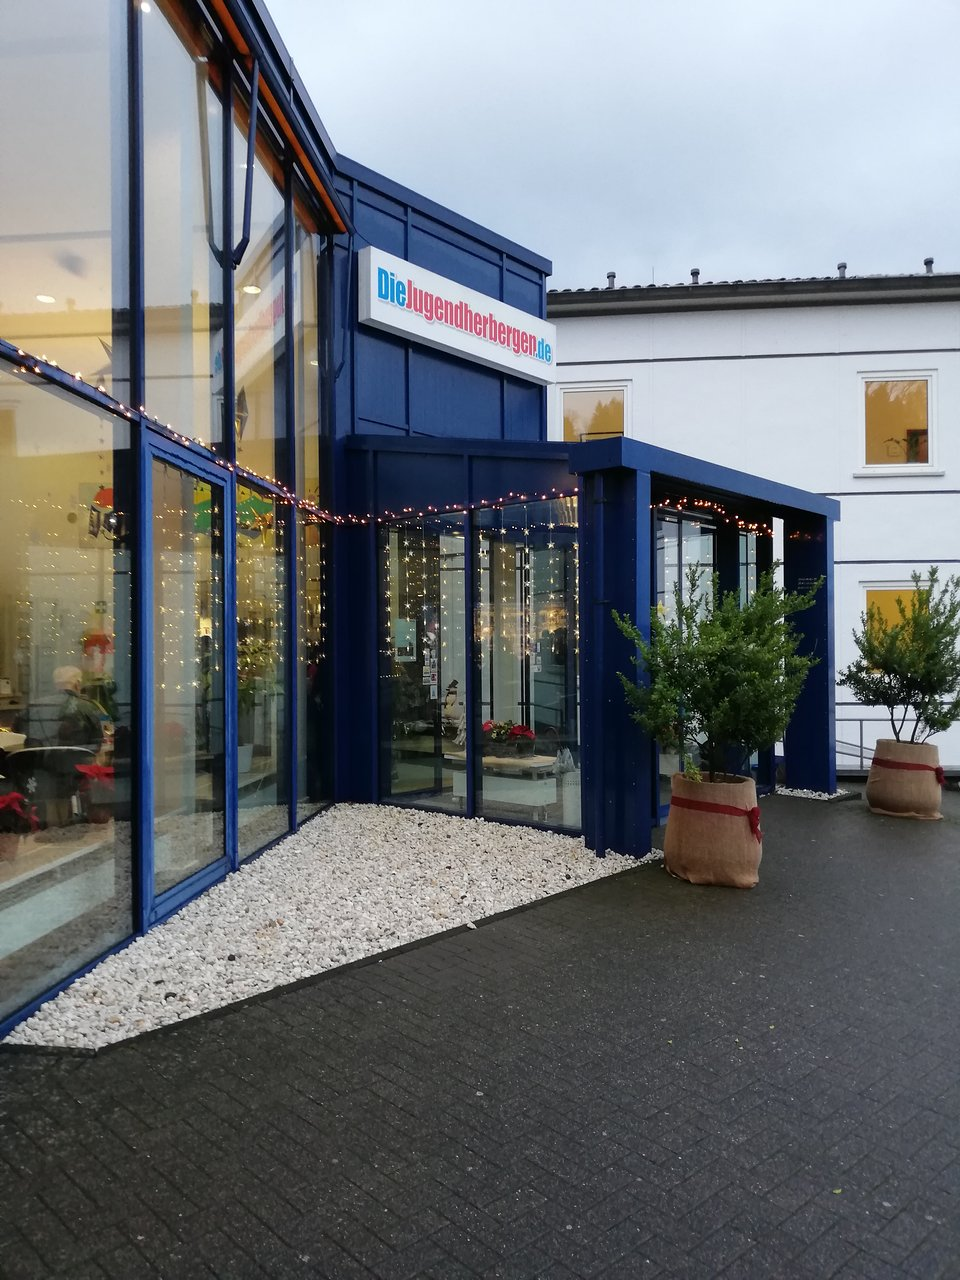 Hotel Blesius Garten Trier Schön the Best Trier Hostels Of 2020 with Prices Tripadvisor